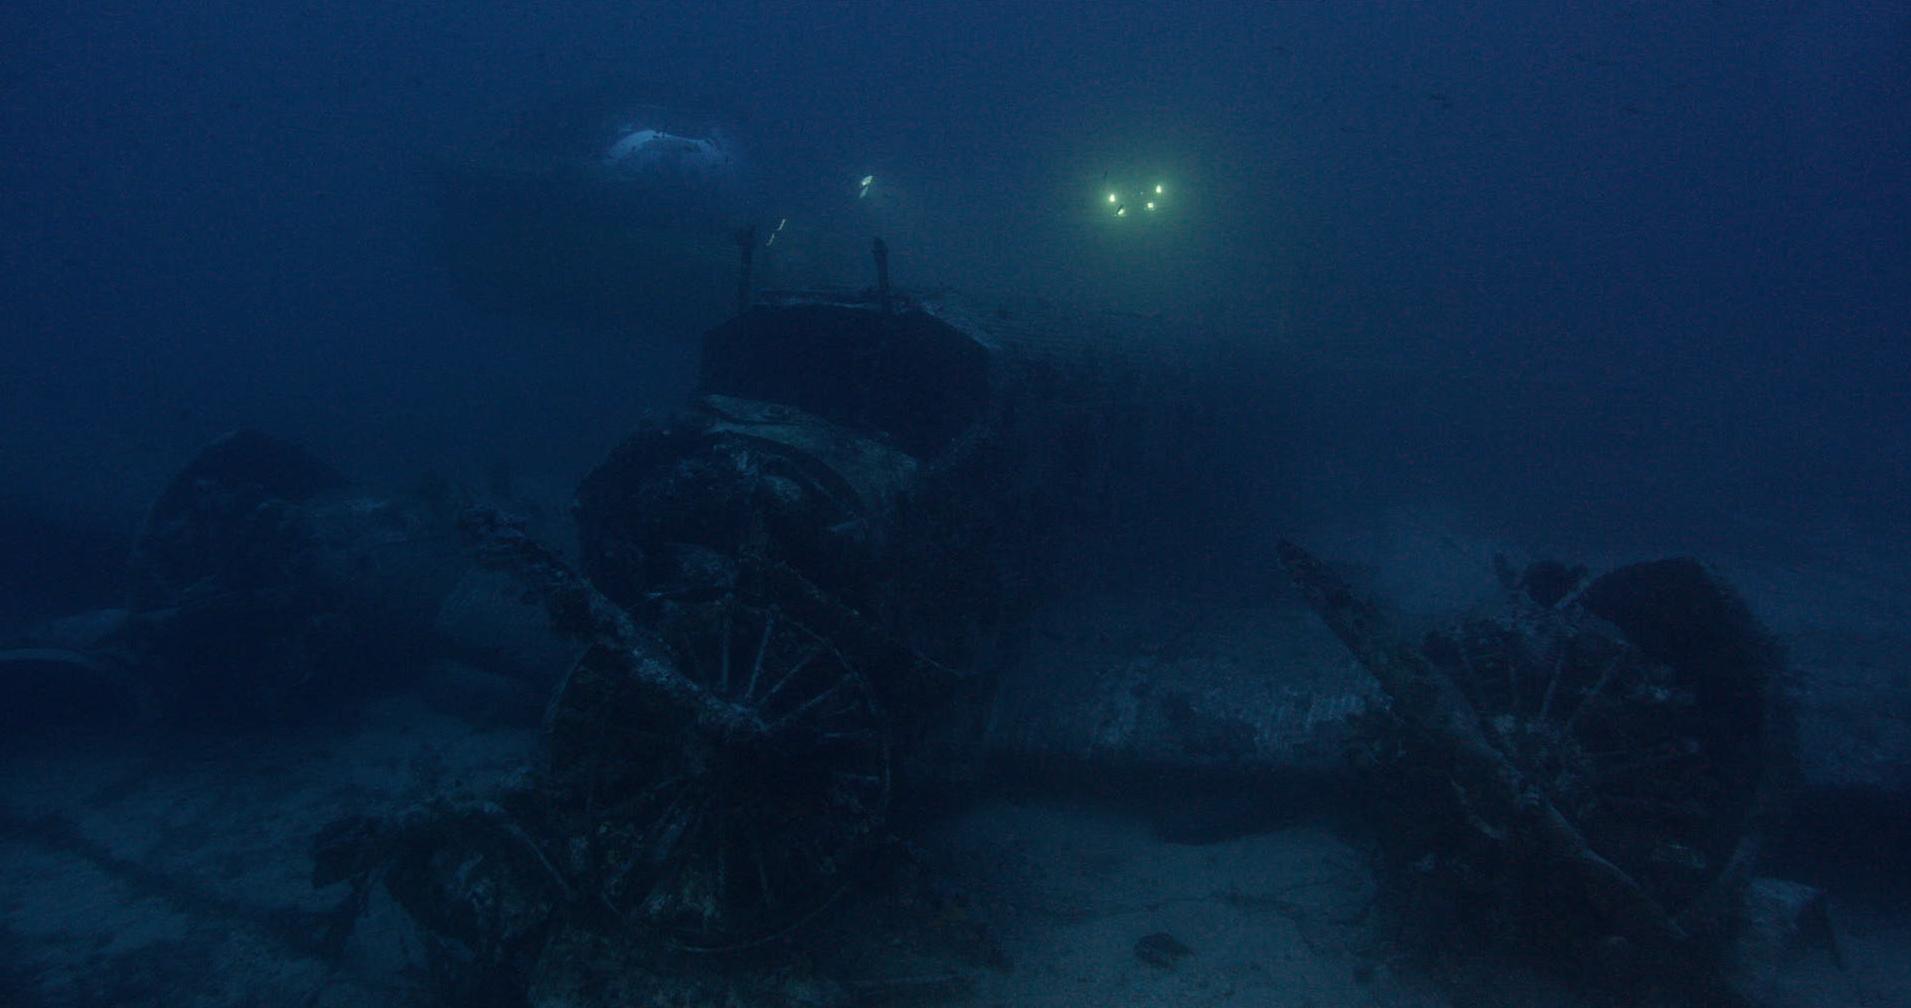 The Ju 52 wreck